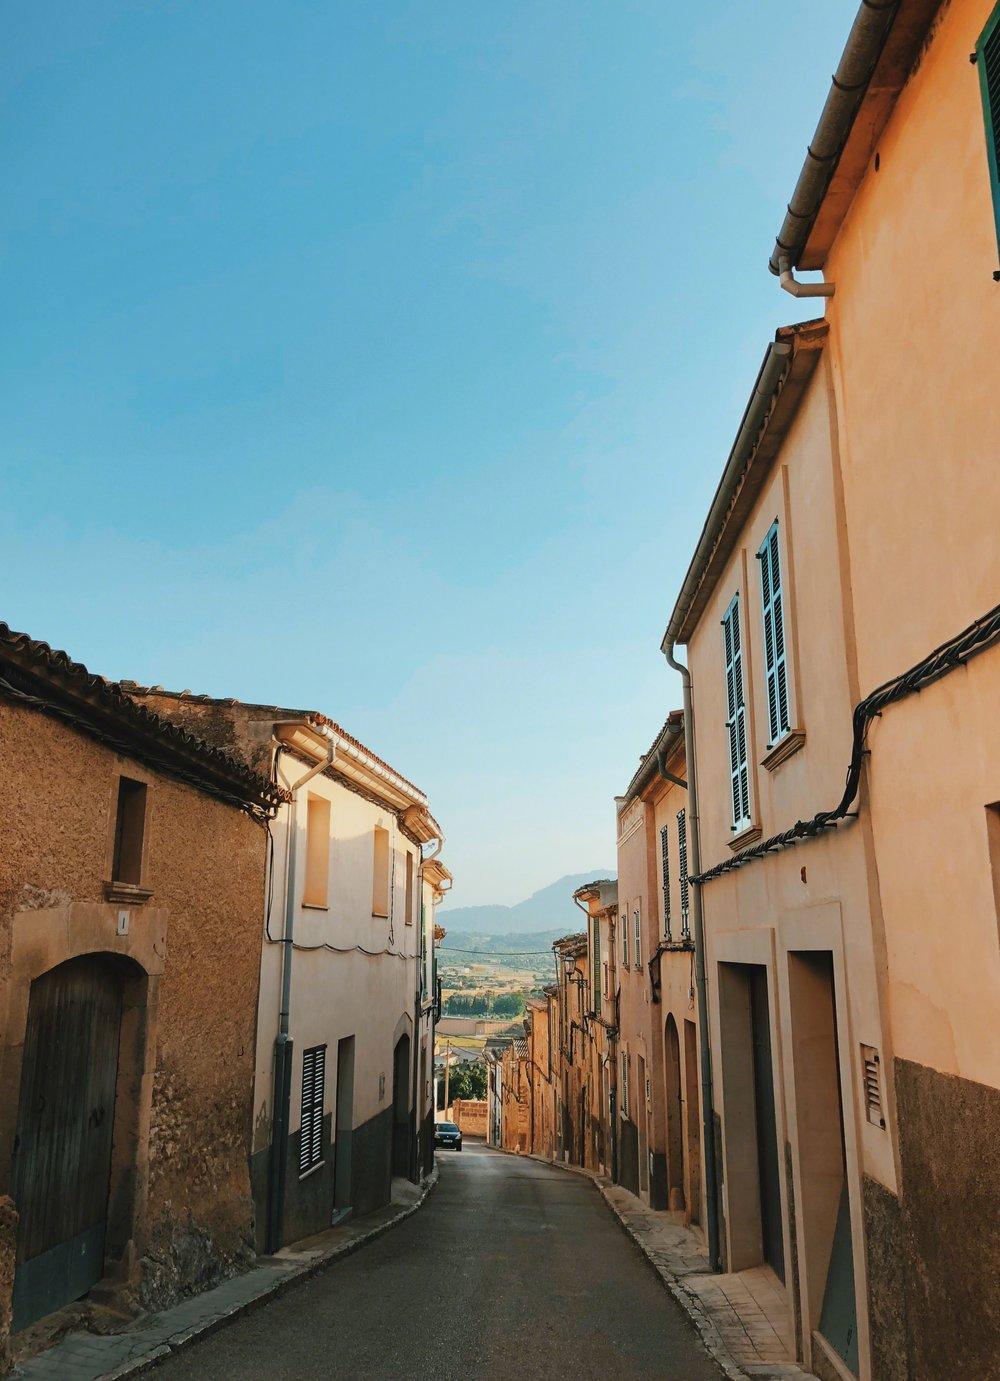 spain-montuiri-mallorca-06.jpg